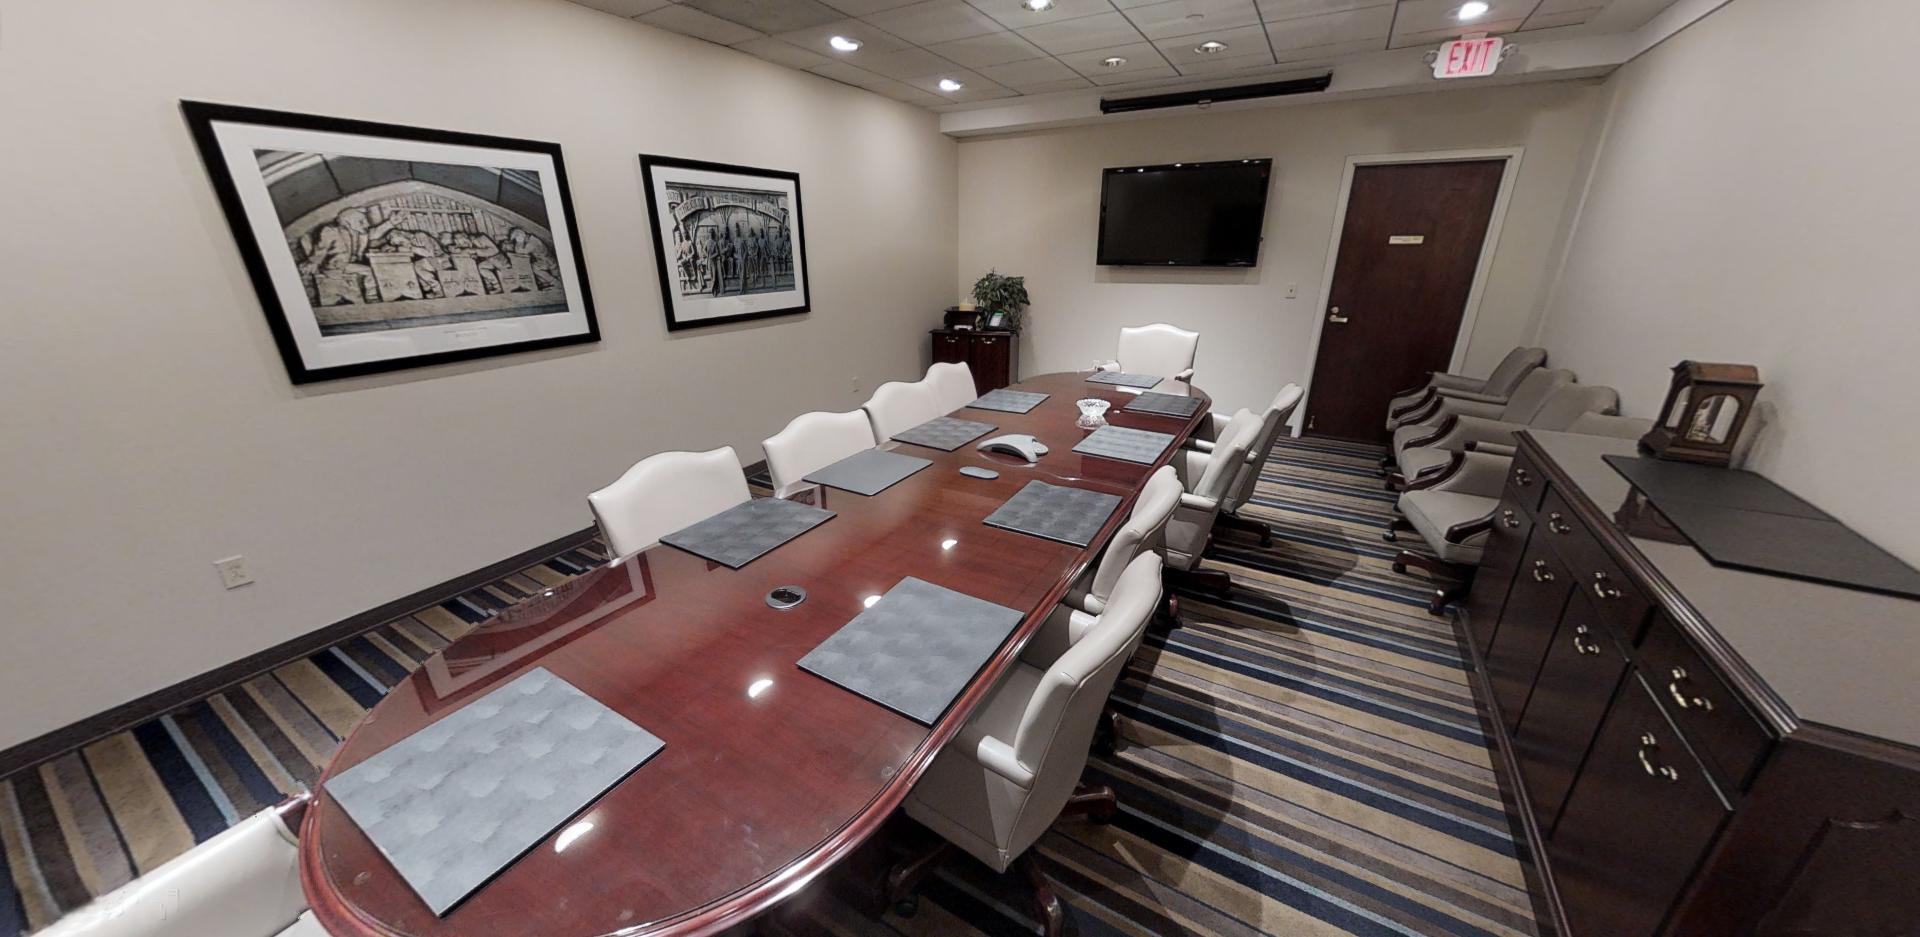 Executive Boardroom Interior